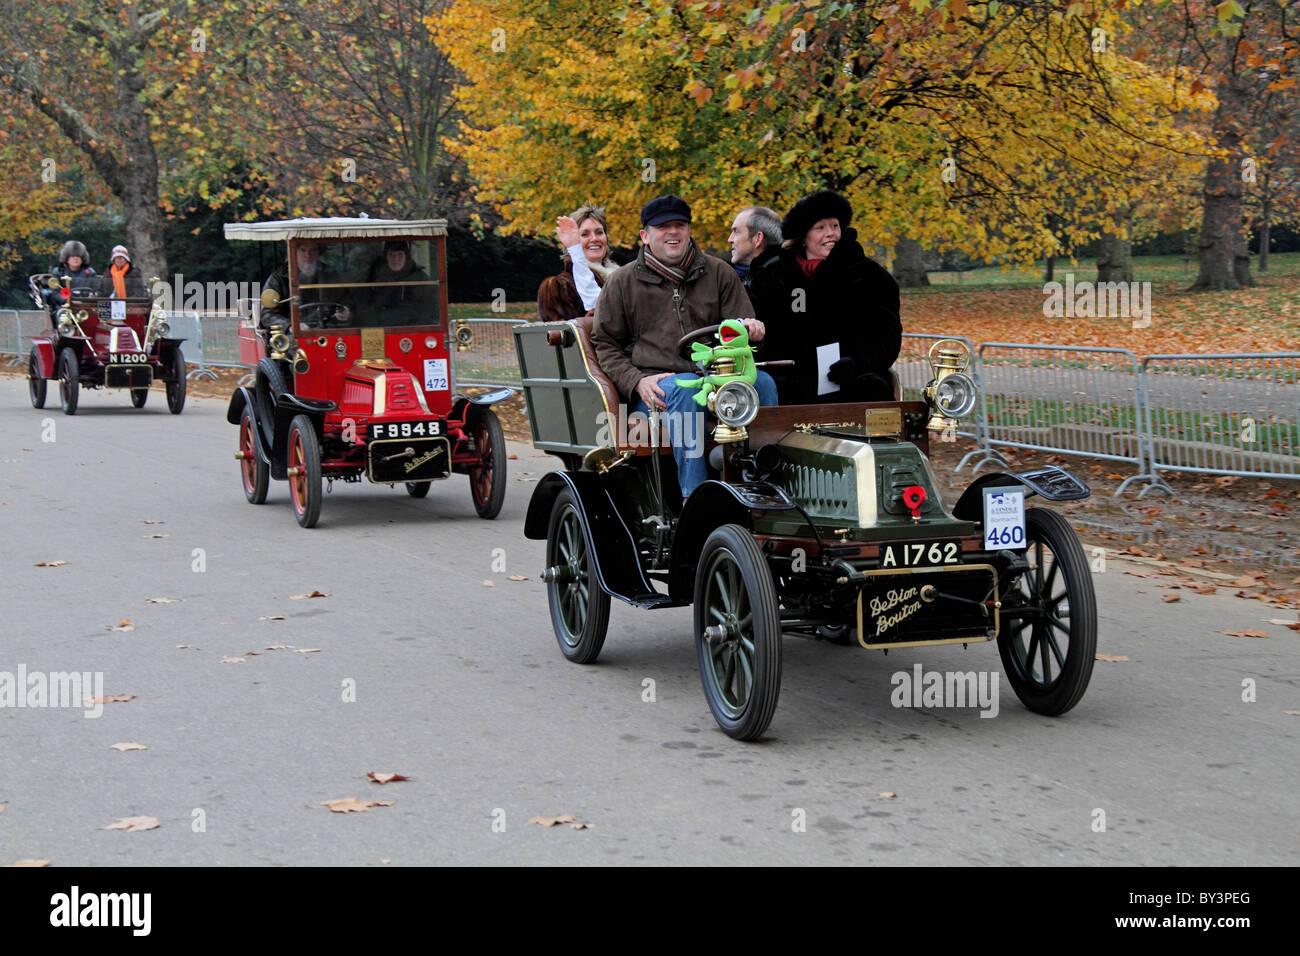 London to Brighton veteran car rally Stock Photo: 33889592 - Alamy